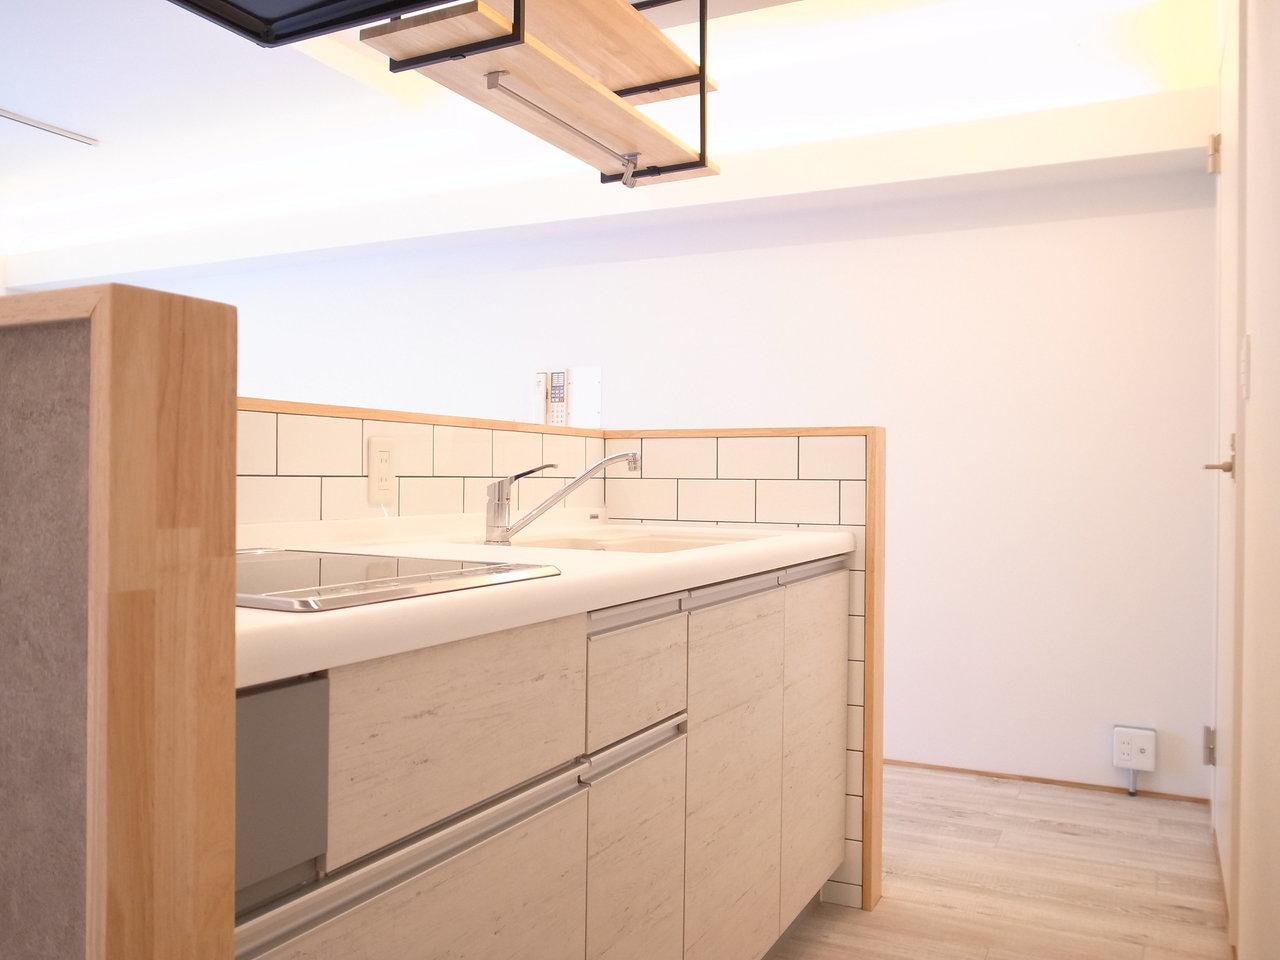 中は白を基調としたおしゃれなデザイン。シンクはとっても広めで、白いタイルのような壁面も素敵ですね。吊り棚には好きな食器やグラスを置いて、インテリアの一部にしてもいいですね。